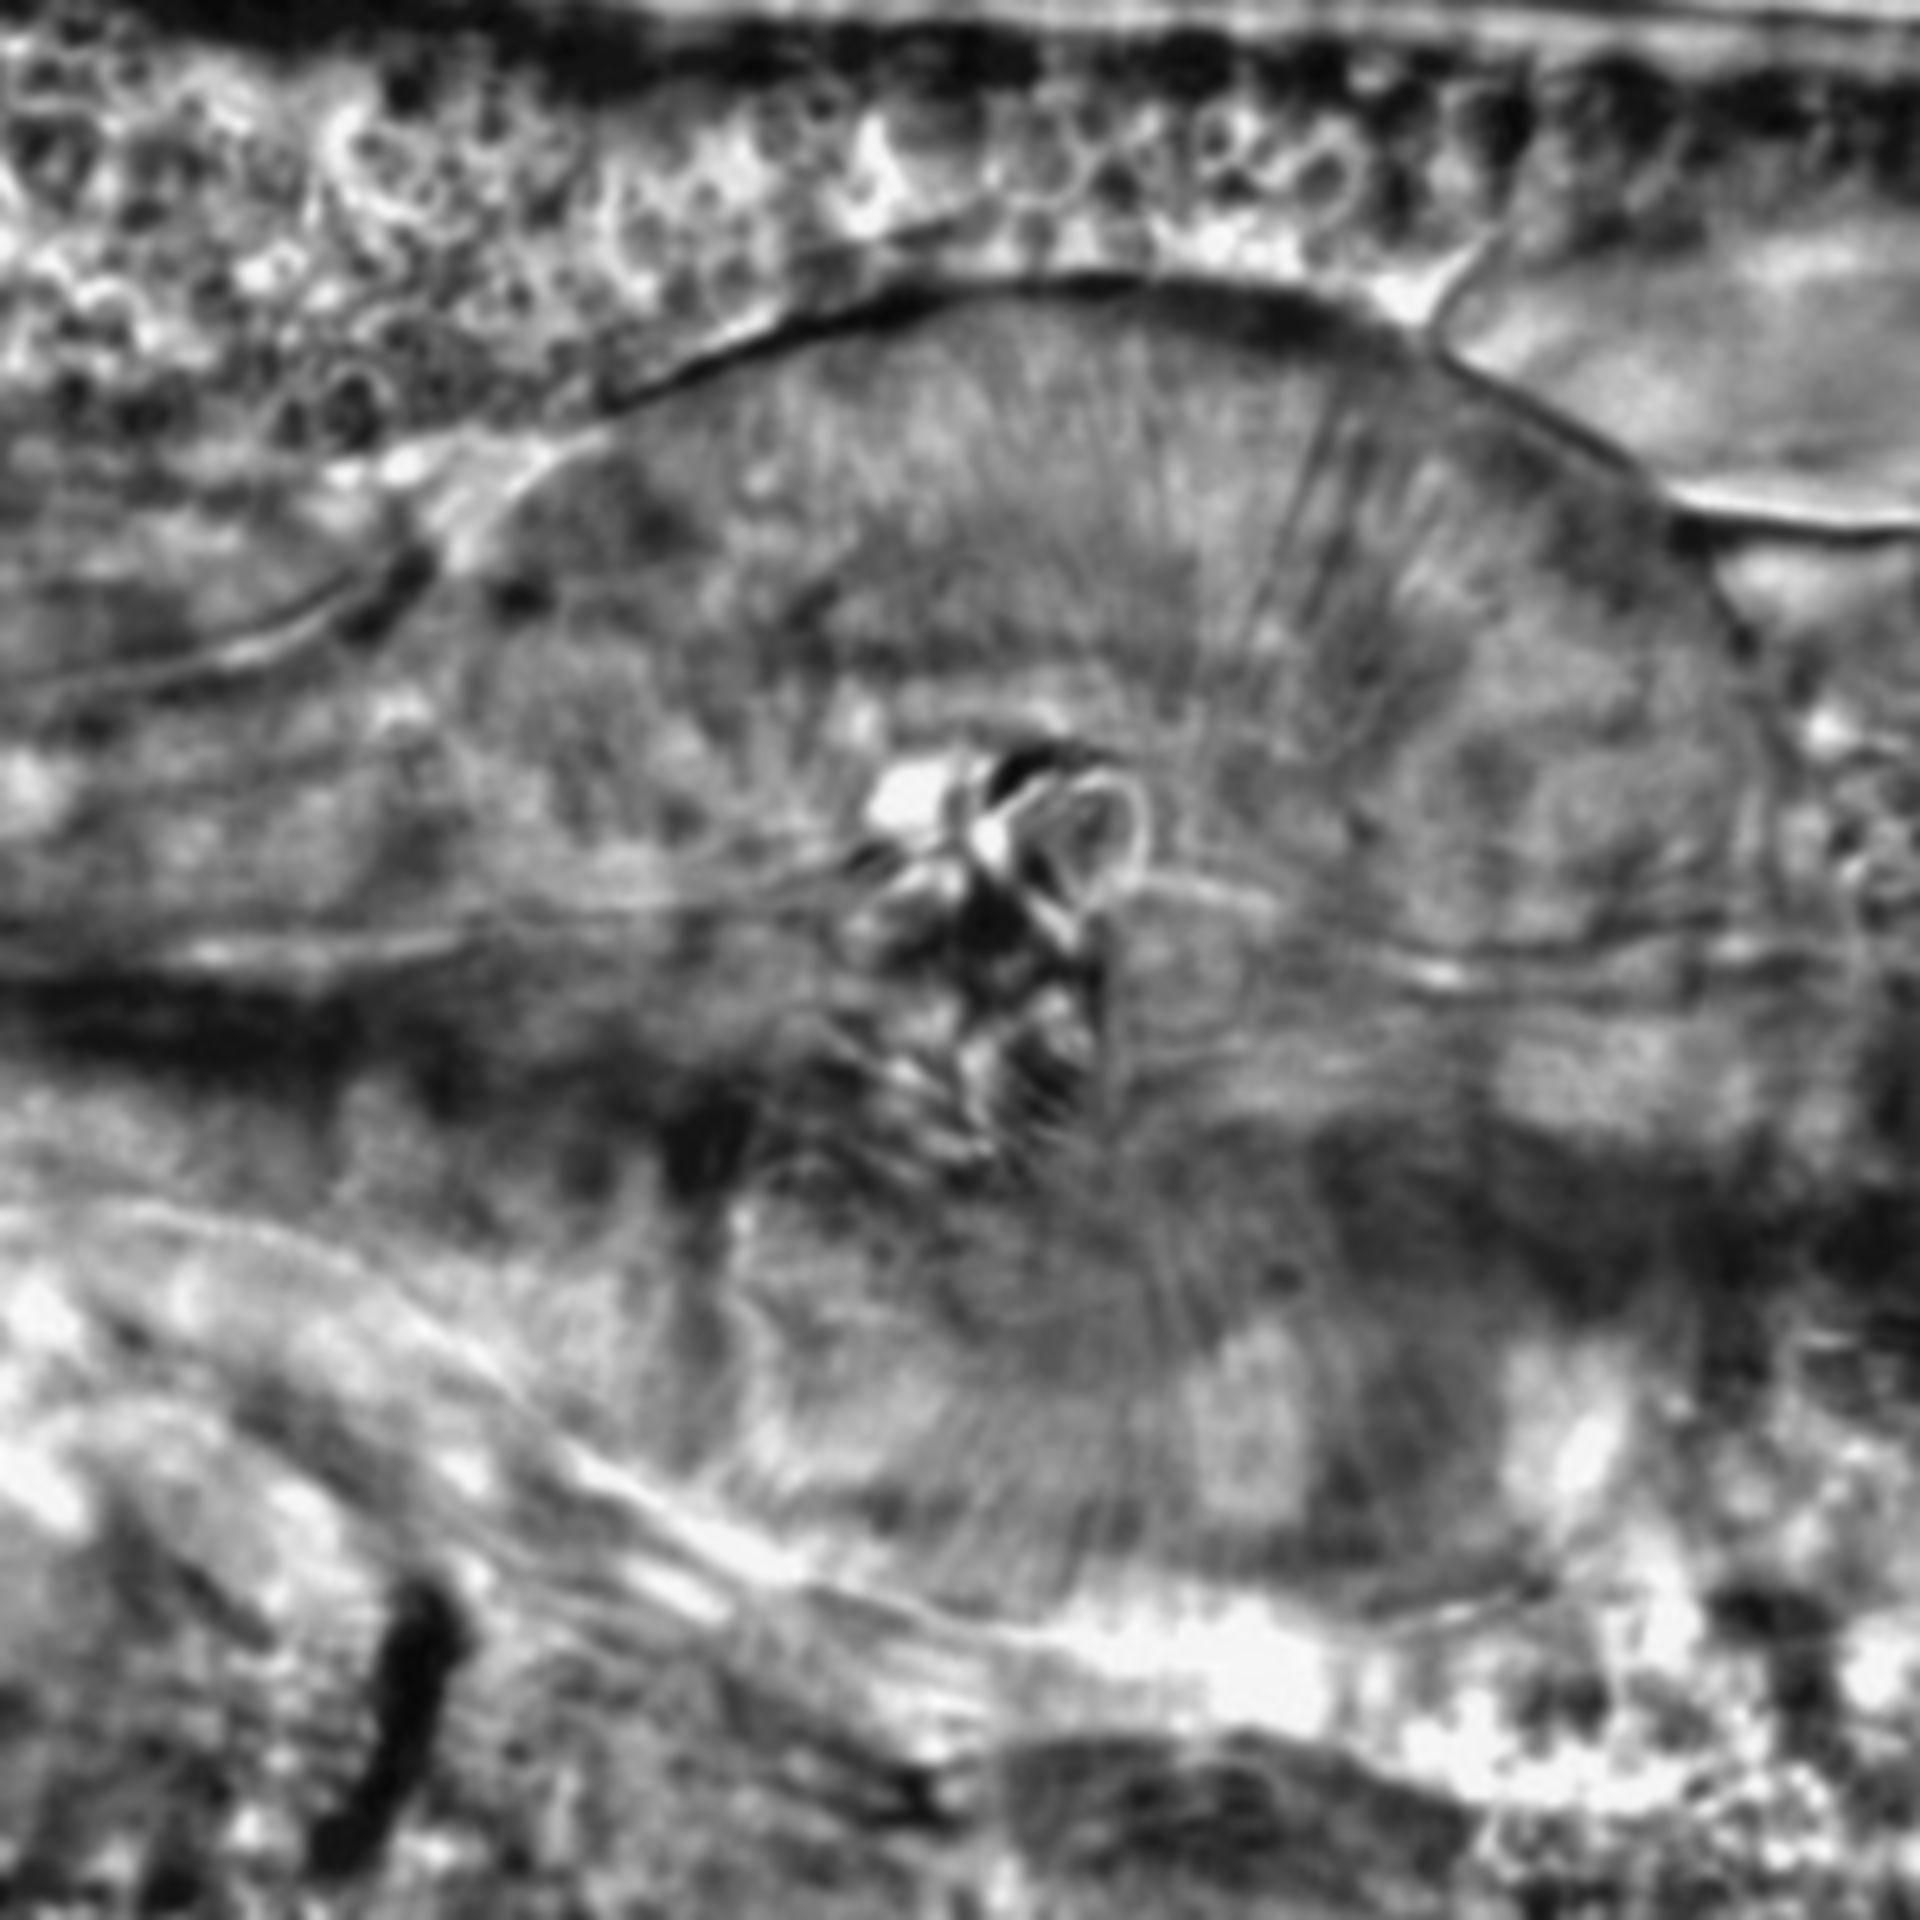 Caenorhabditis elegans - CIL:2198